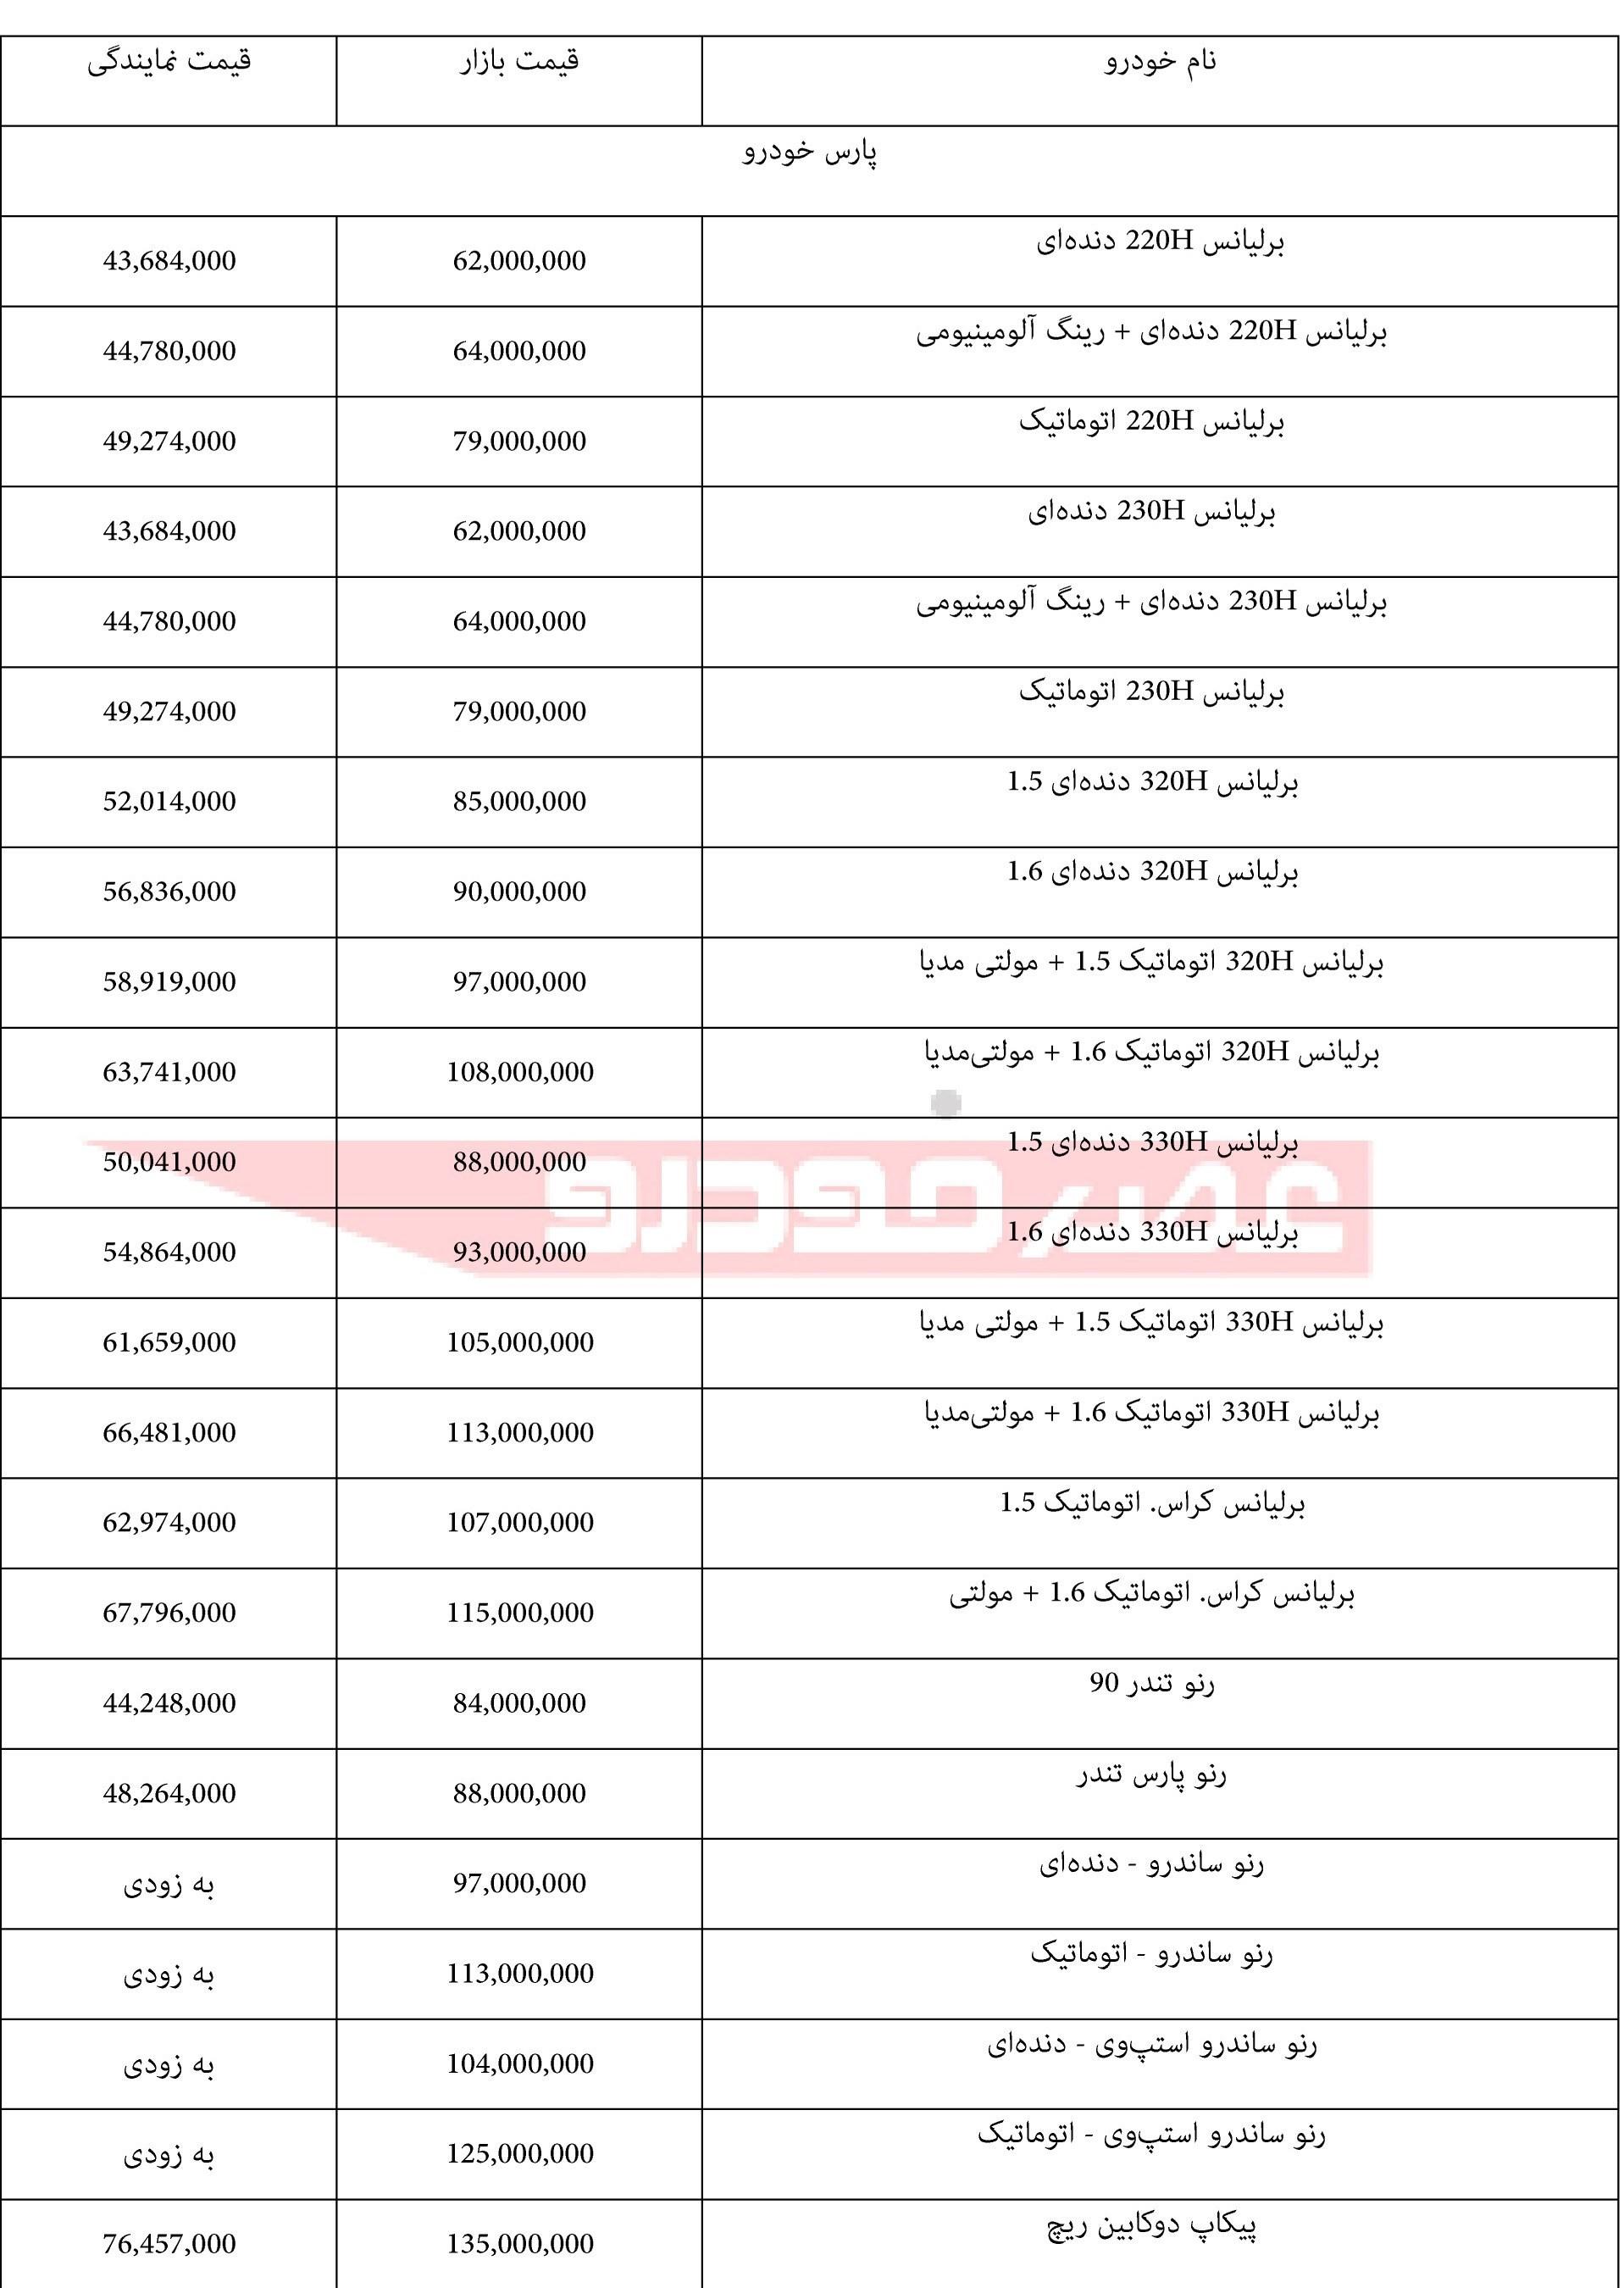 قیمت انواع محصولات پارس خودرو ۱۷ مهر ۹۷+جدول